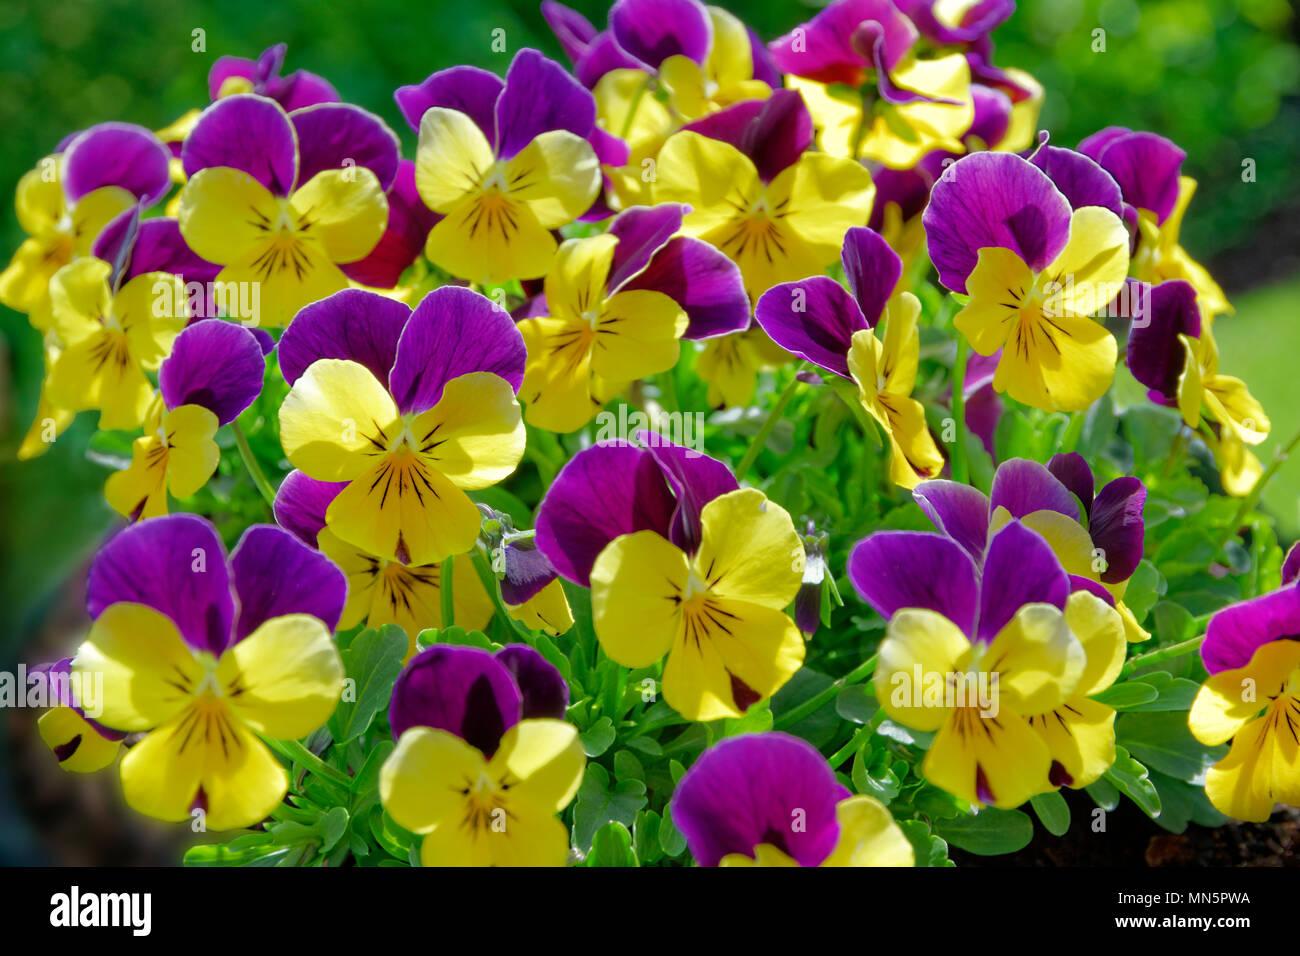 Pansies. - Stock Image